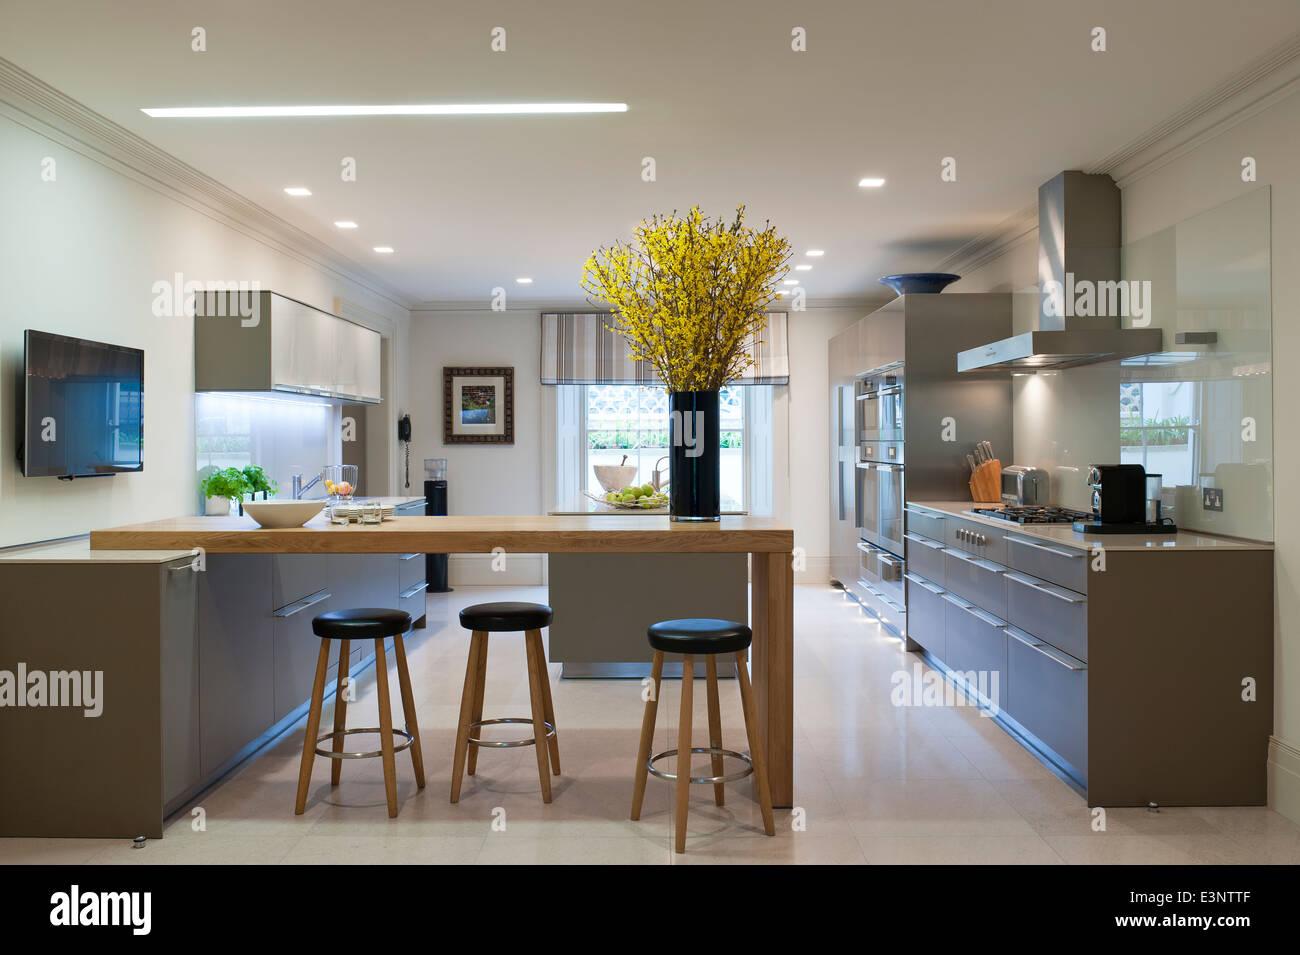 Bulthaup moderne cuisine avec bar et tabourets Banque DImages Photo Stock 71165935  Alamy